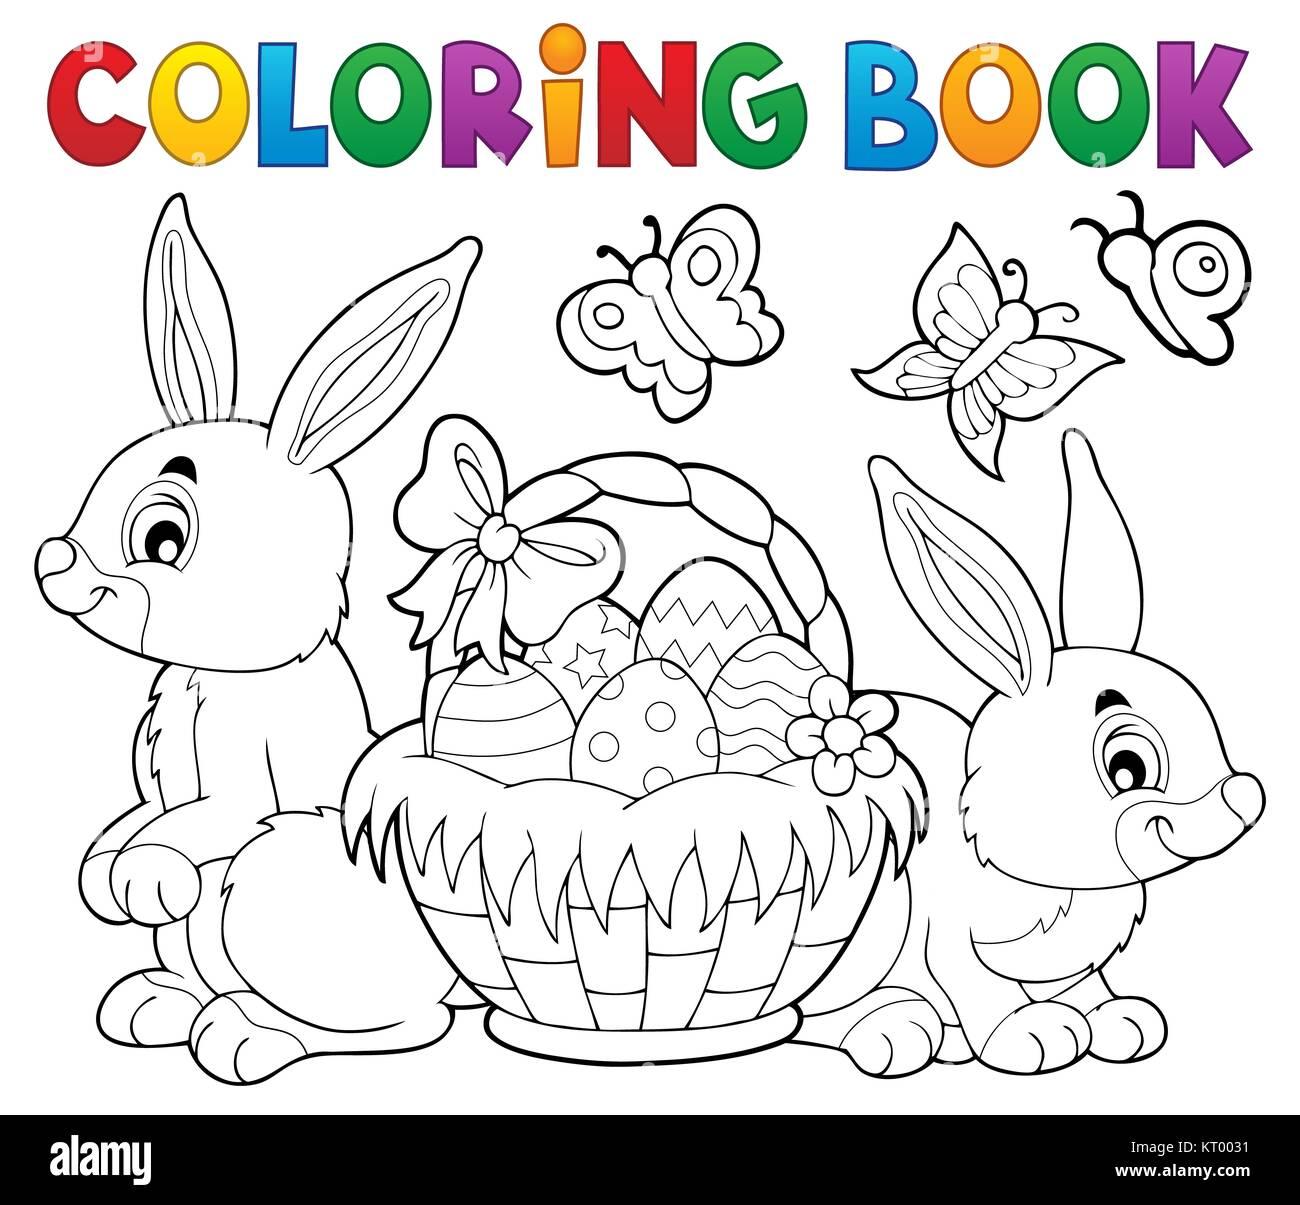 Malvorlagen Ostern Korb und Kaninchen Stockfoto, Bild: 169645141 - Alamy